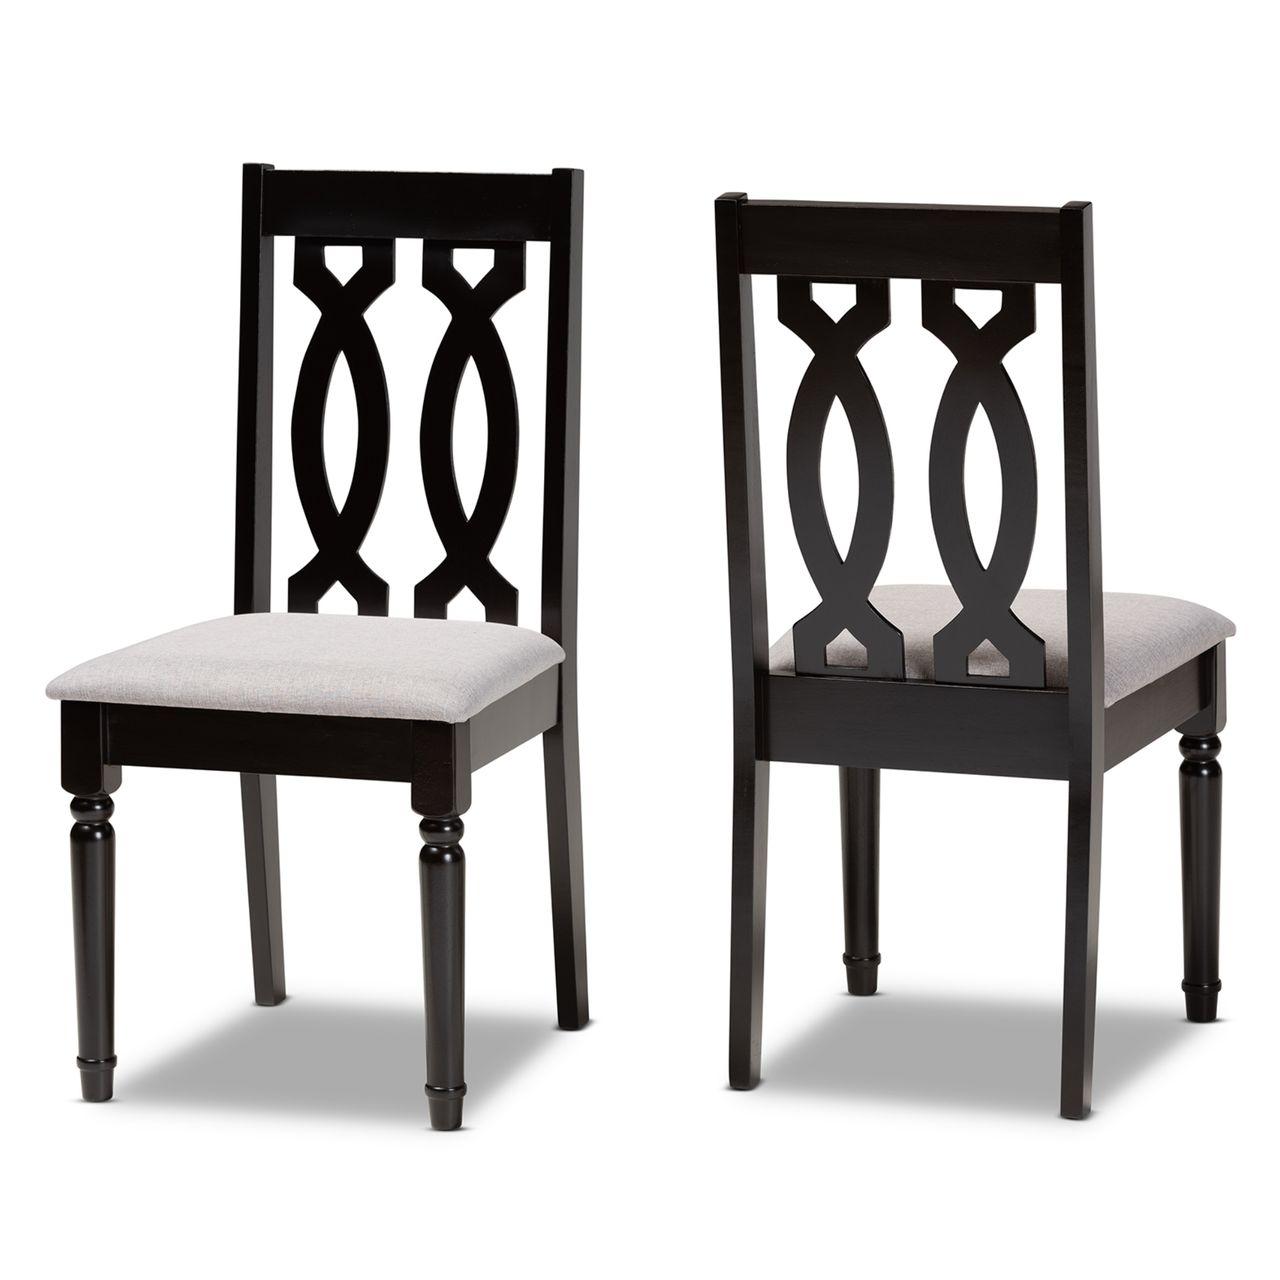 Baxton Studio Cherese Wood 2-Piece Dining Chair Set - Dark Brown